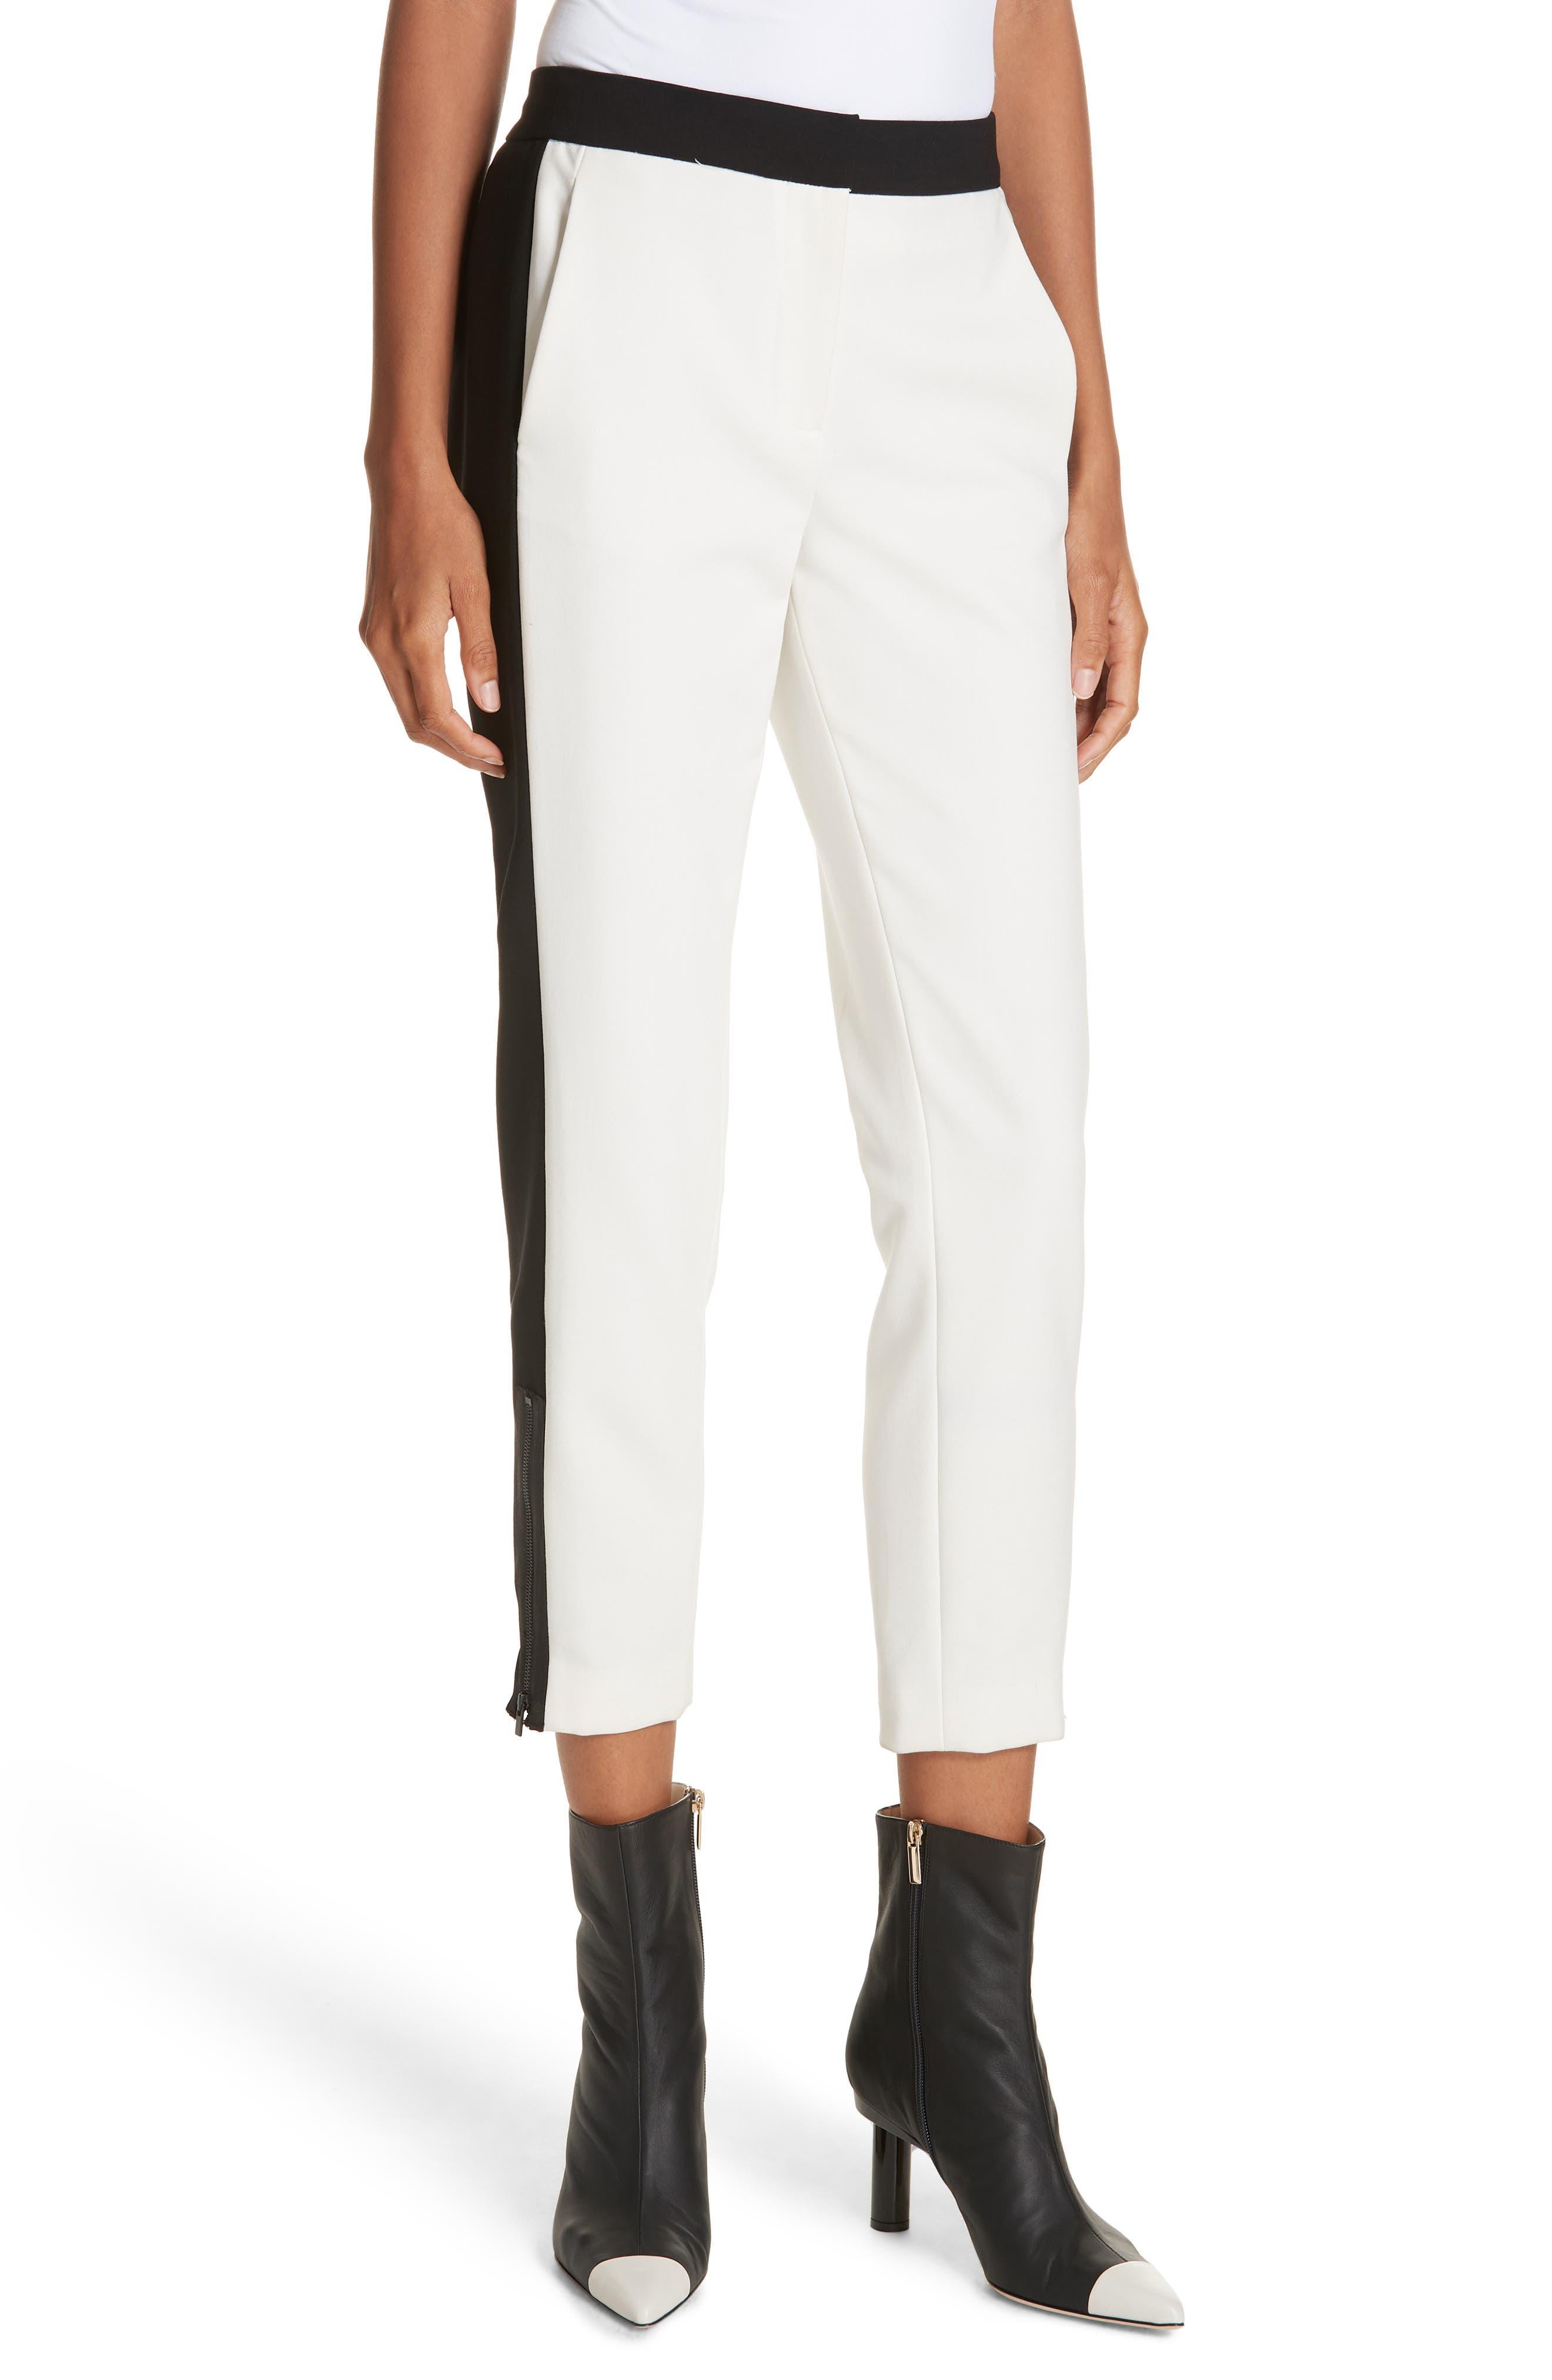 Anson Tuxedo Skinny Pants,                             Main thumbnail 1, color,                             IVORY MULTI